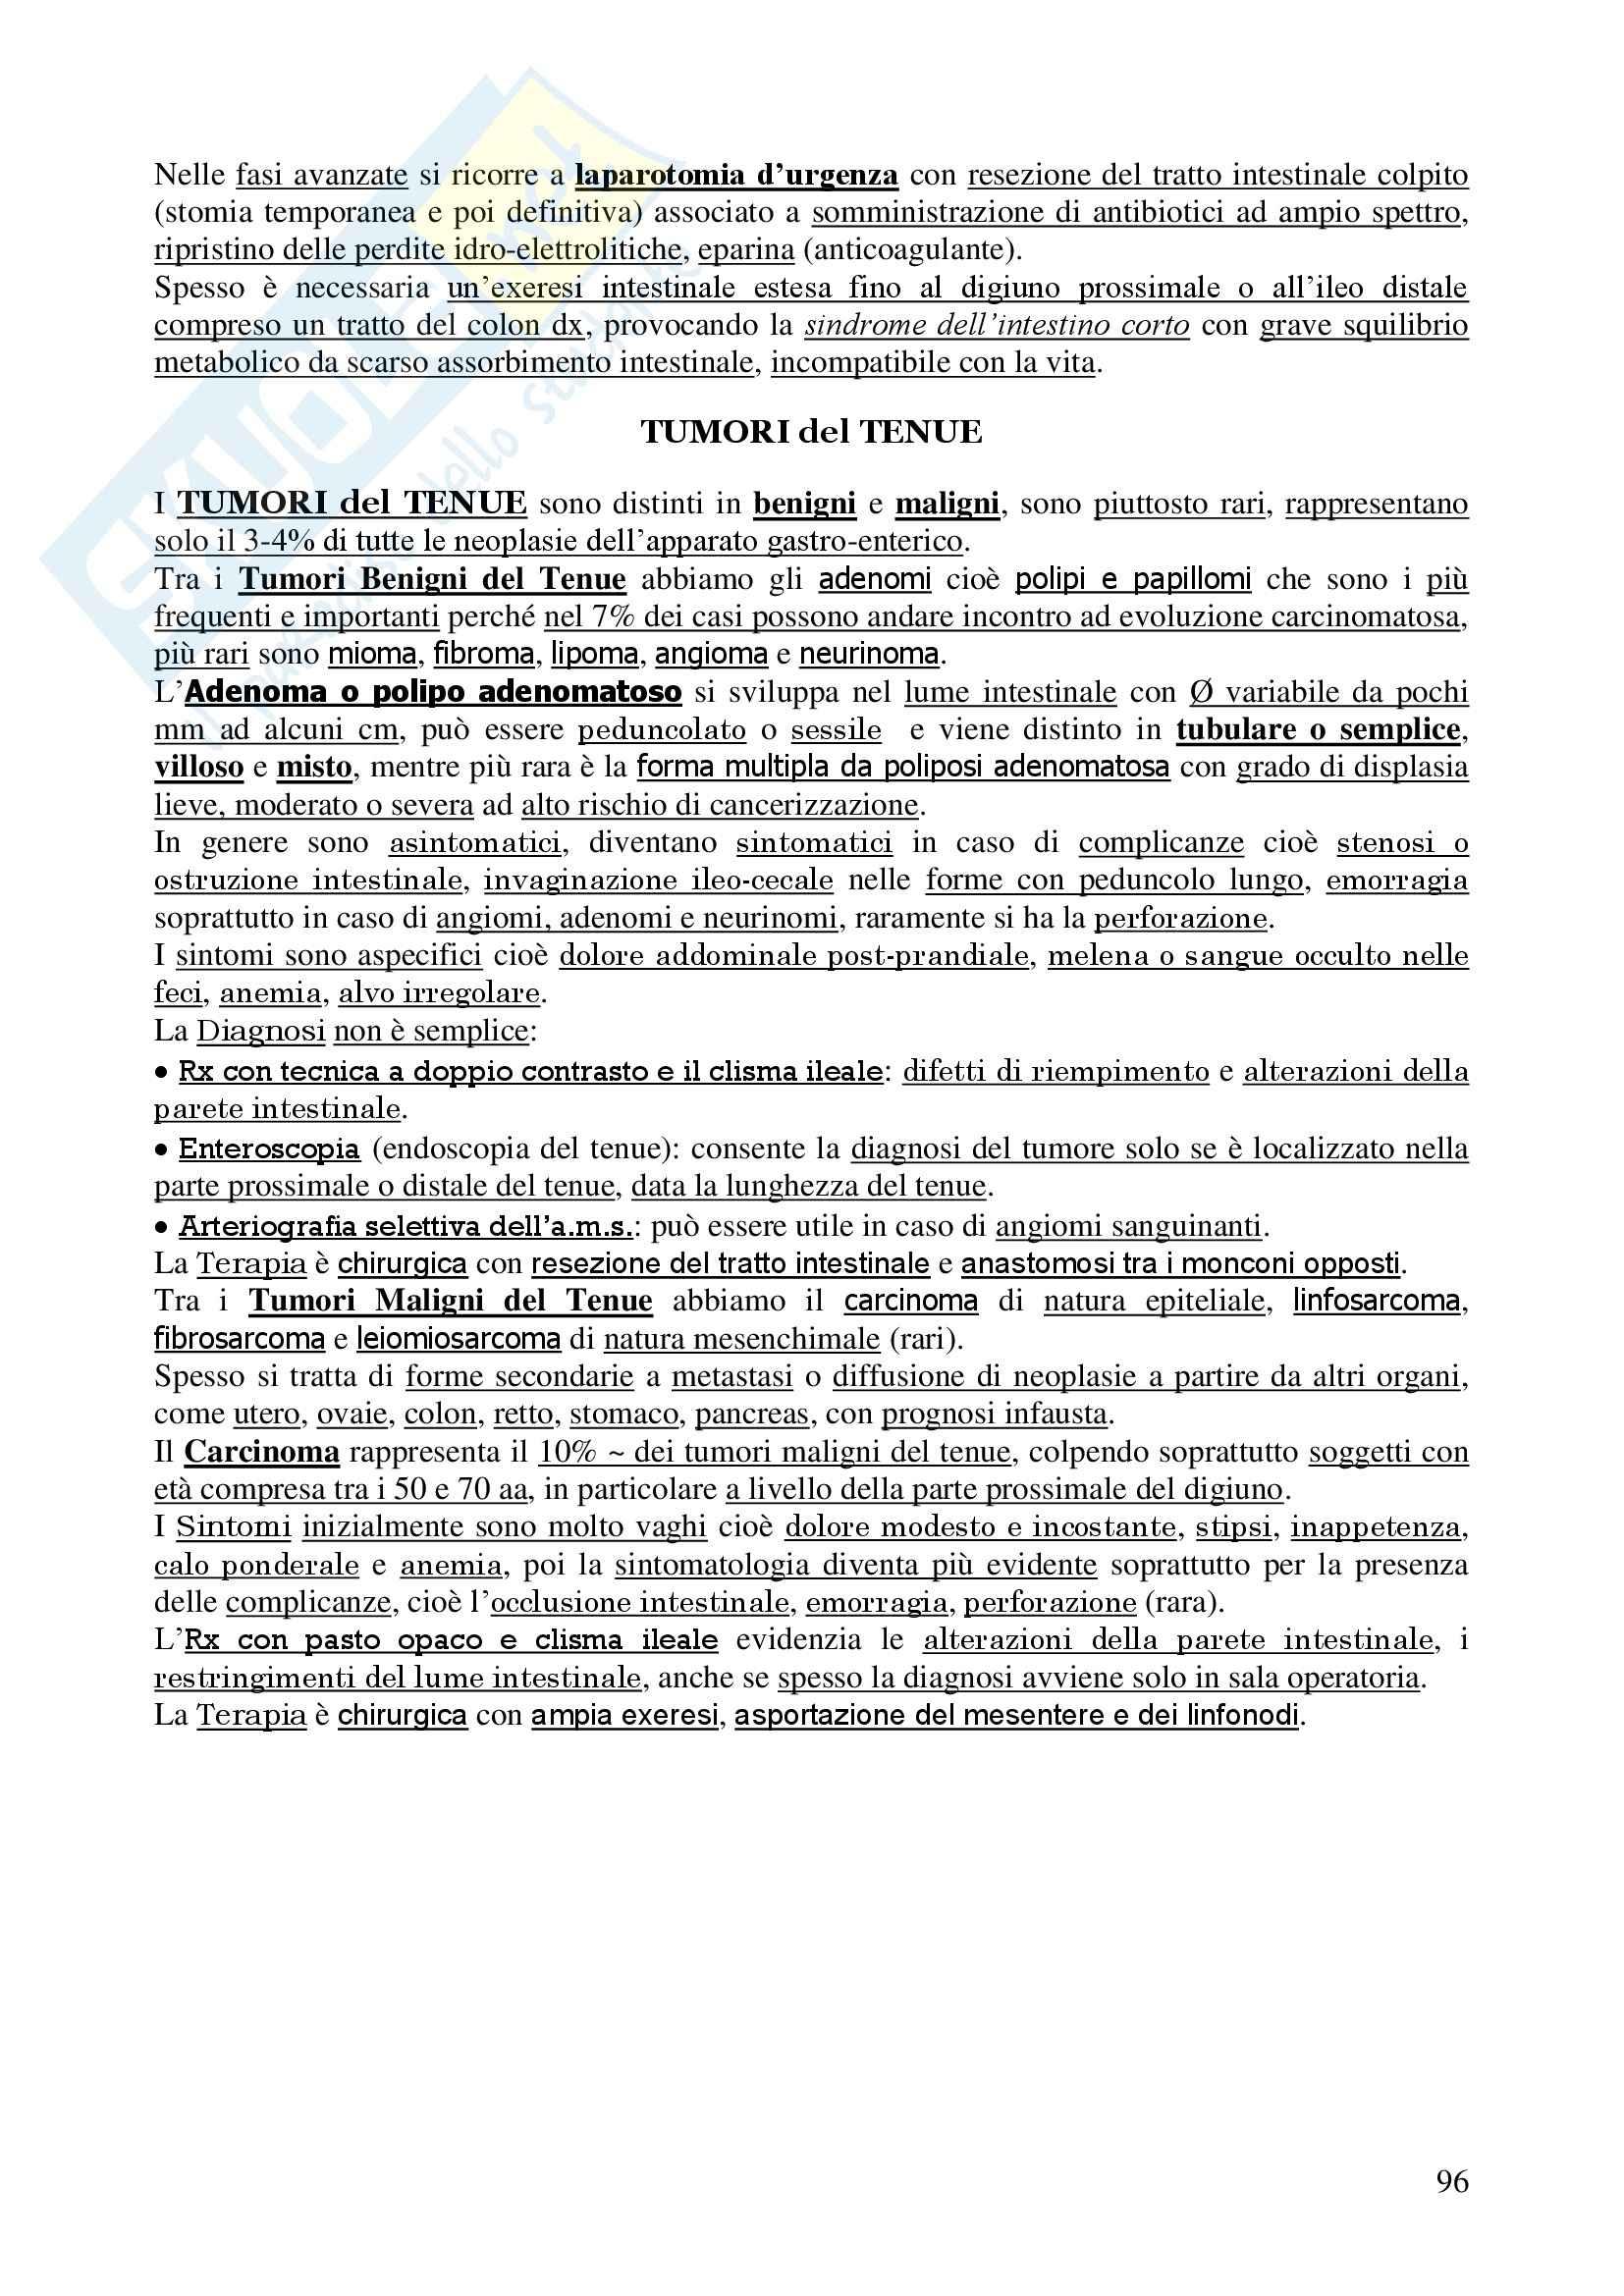 Chirurgia - chirurgia generale - Appunti Pag. 96